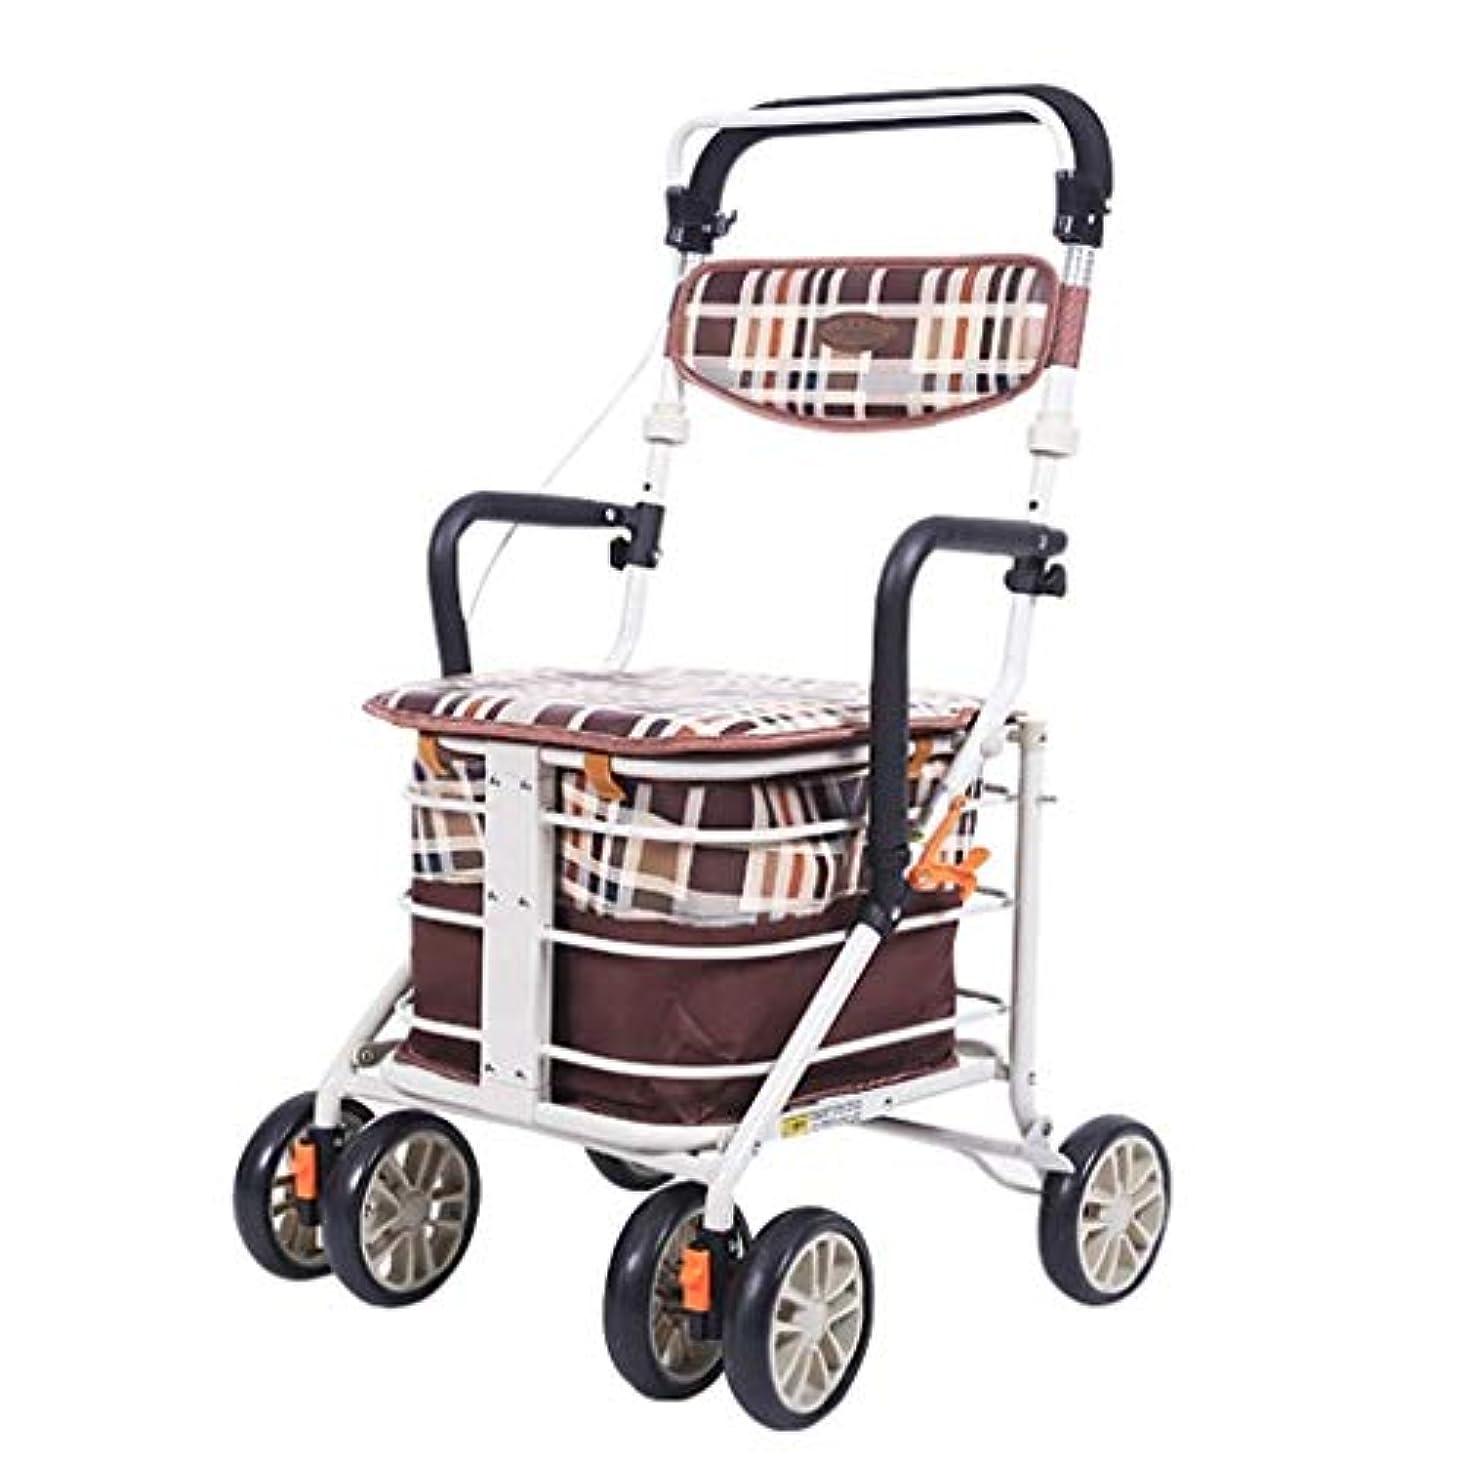 アンソロジー半円暫定のハンドブレーキ高齢者歩行者が付いている軽量のアルミ合金の座席を折る多機能歩行者のトロリーショッピングカート